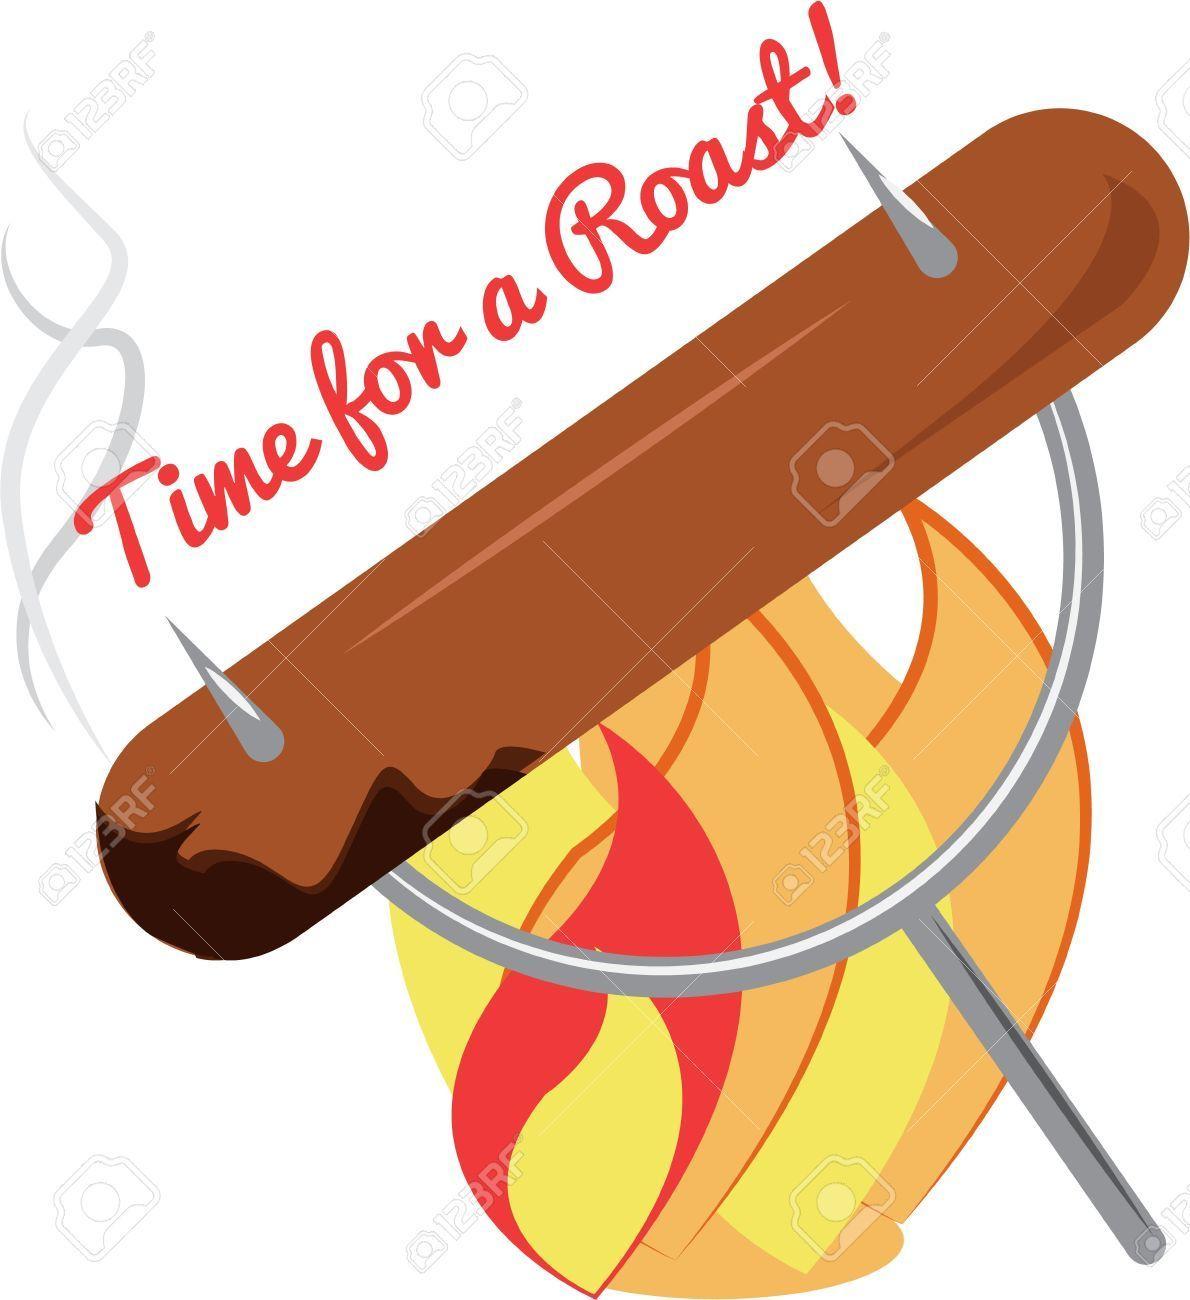 Sausage clipart weiner roast.